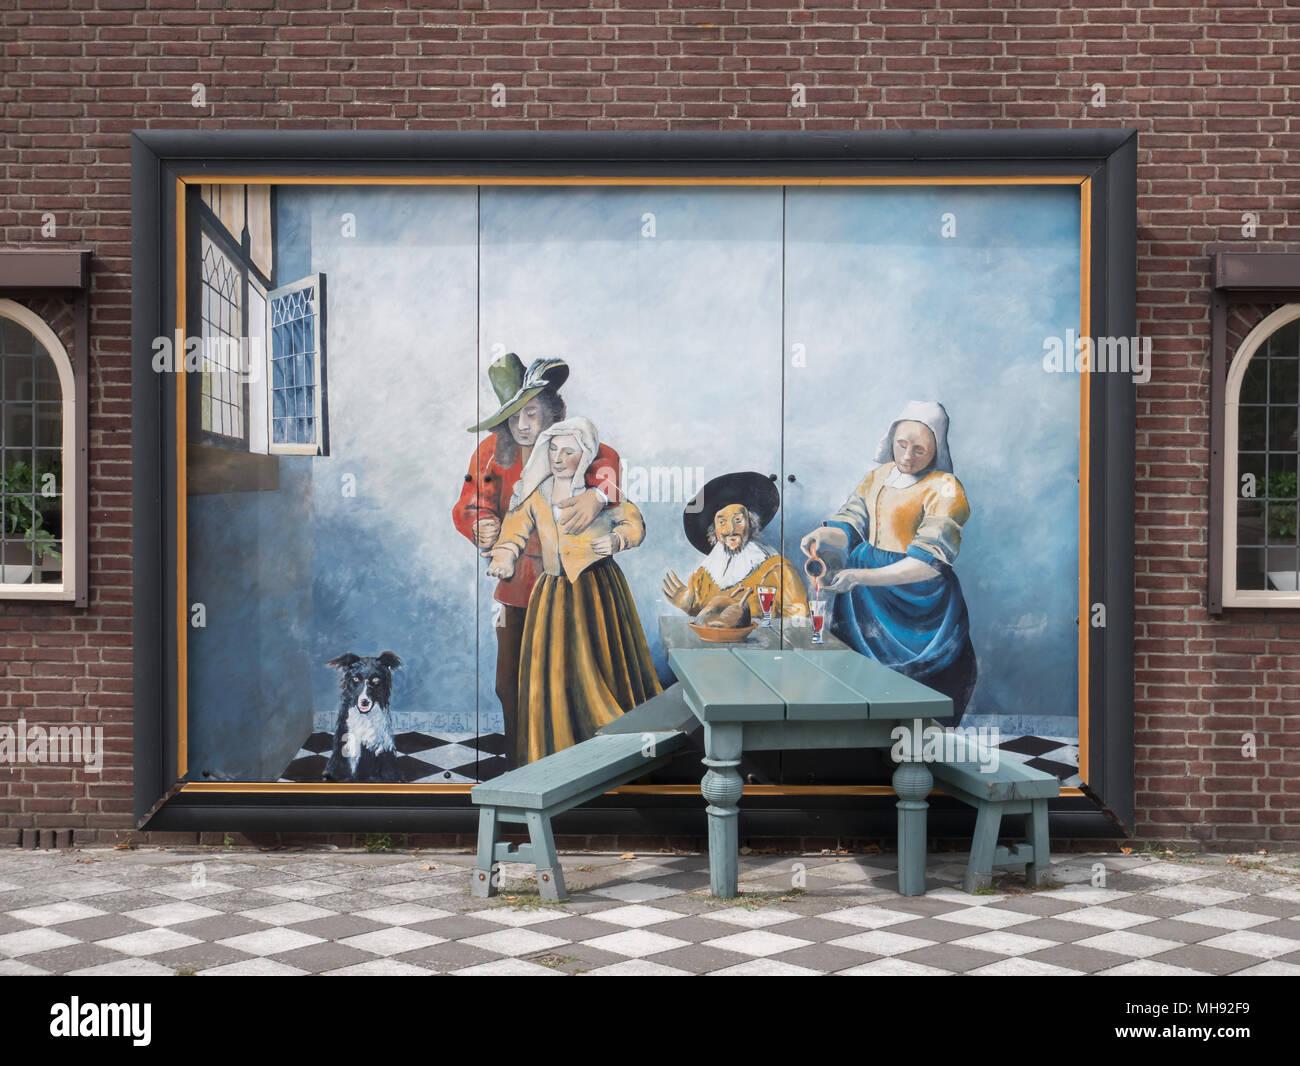 Illustrazione di una casa in IJzendijke chiamato 'aan tafel' fatta da Joost Heeren e Tijl clemente. Immagini Stock